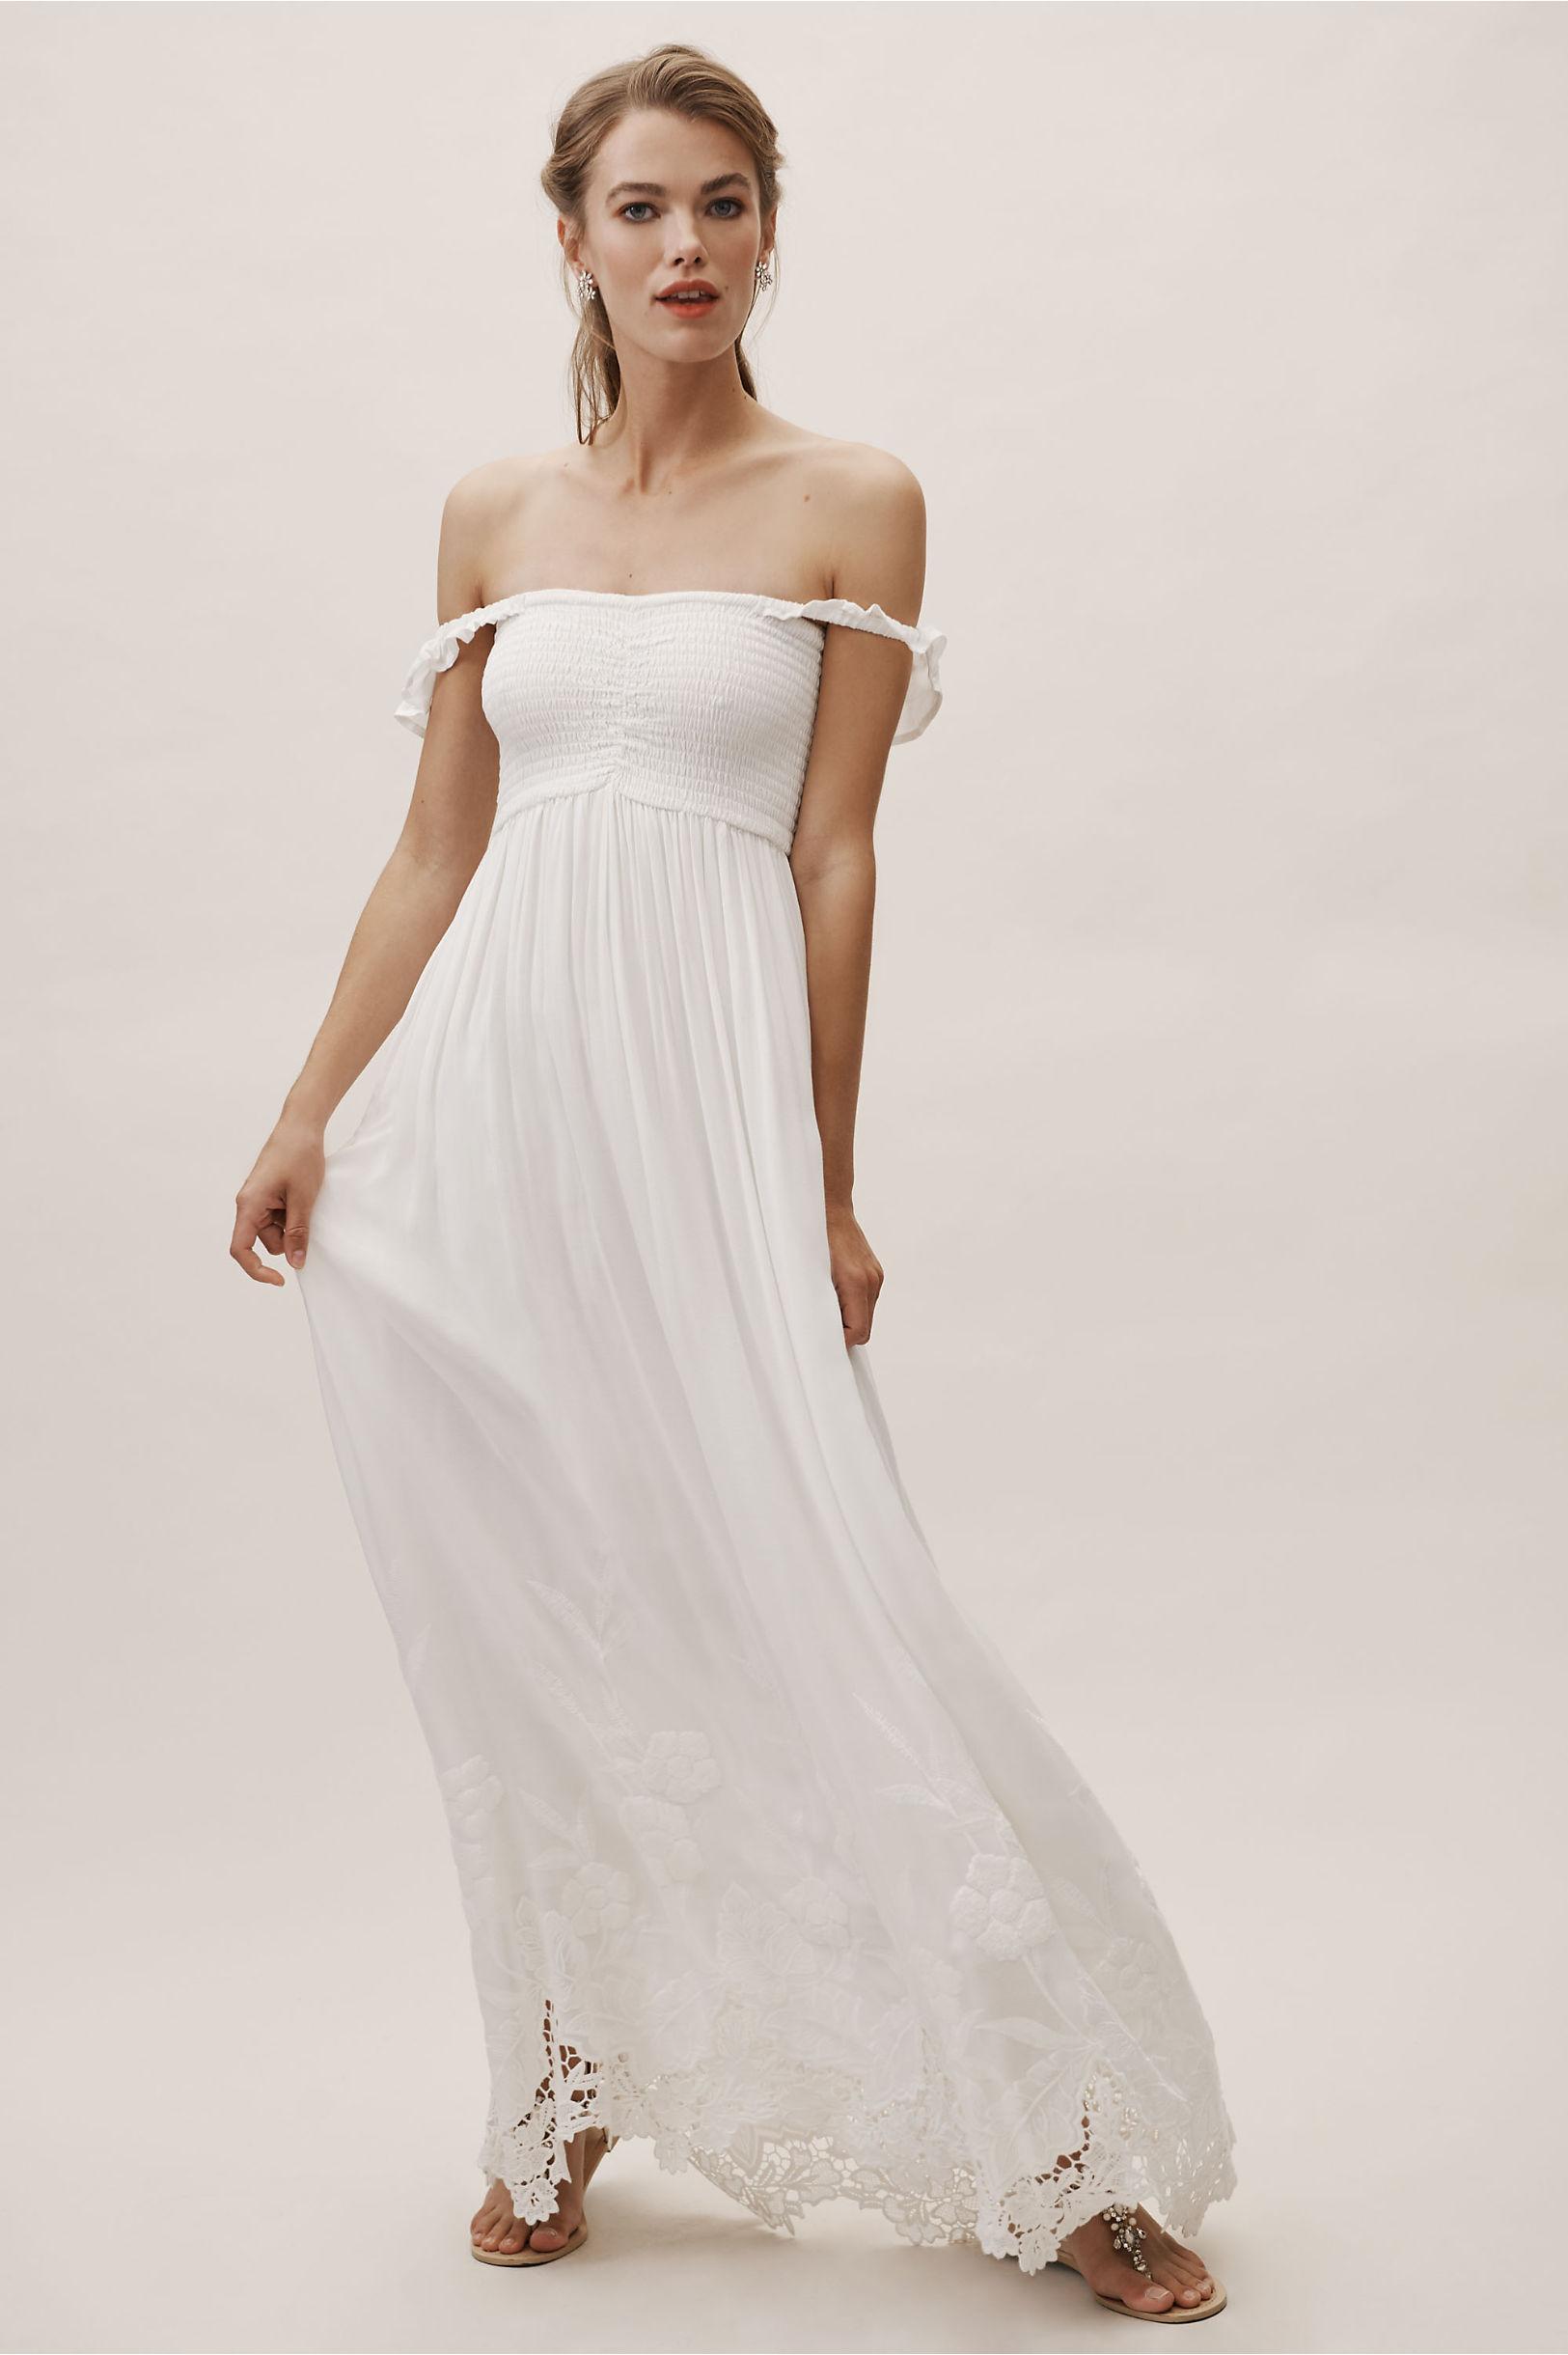 Vintage Inspired Wedding Dress | Vintage Style Wedding Dresses Honor Off-The-Shoulder Dress $150.00 AT vintagedancer.com